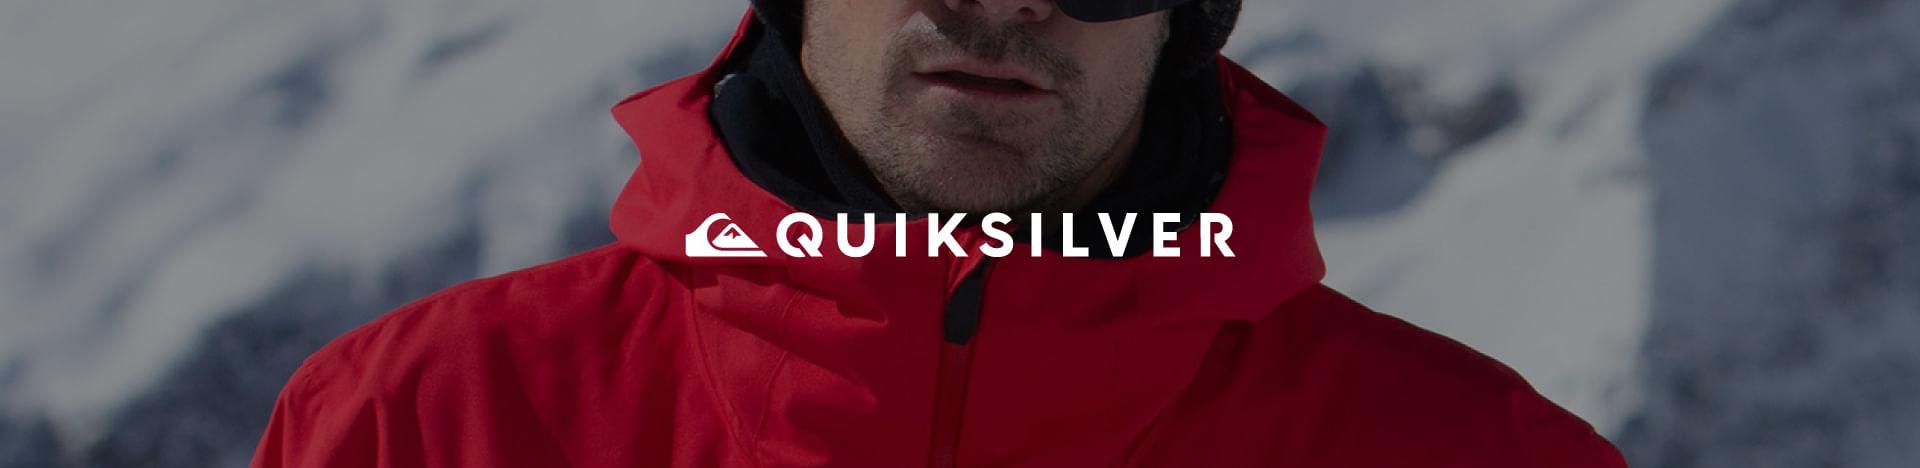 Encuentra todos los productos de la marca QUIKSILVER